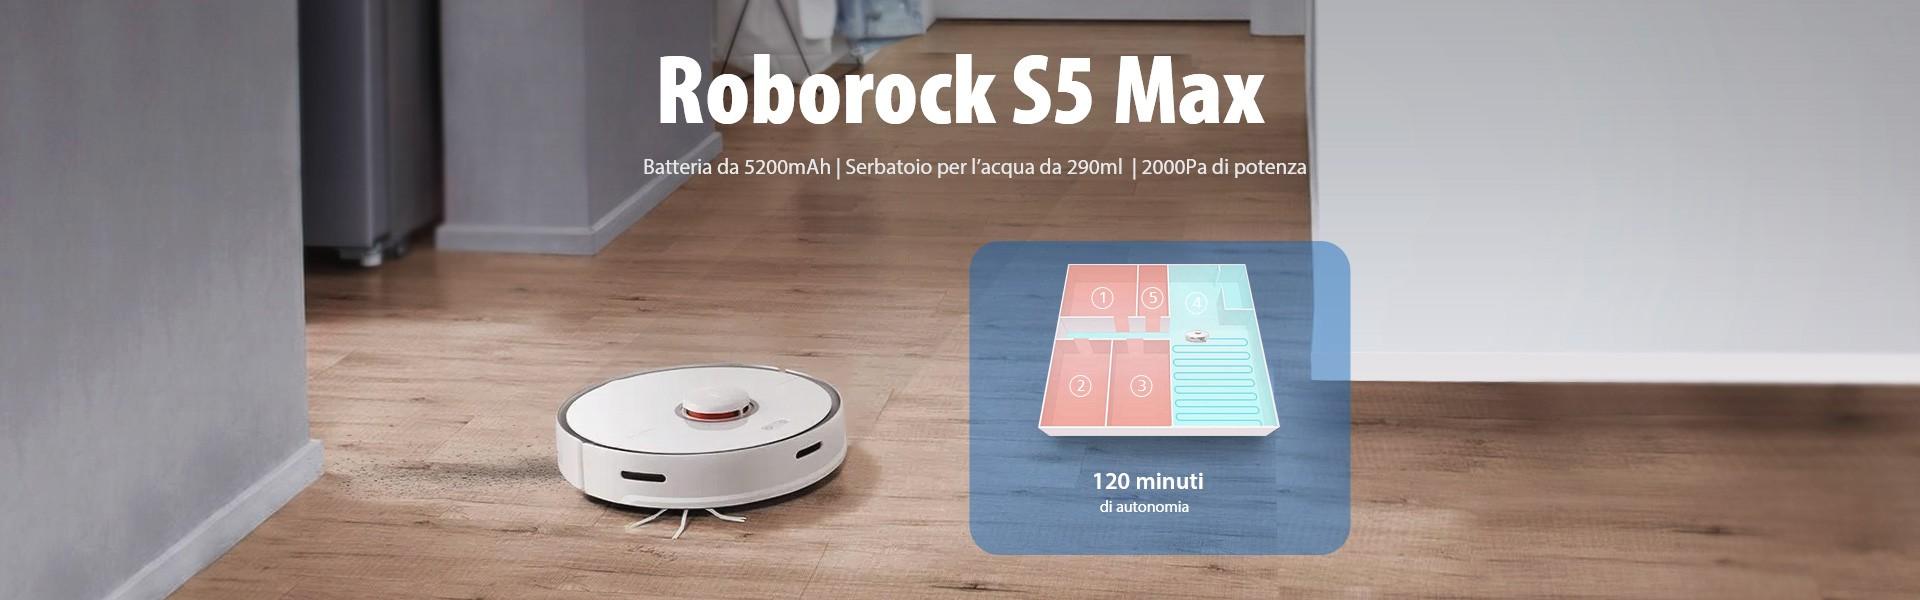 Roborock S5 Max Italia